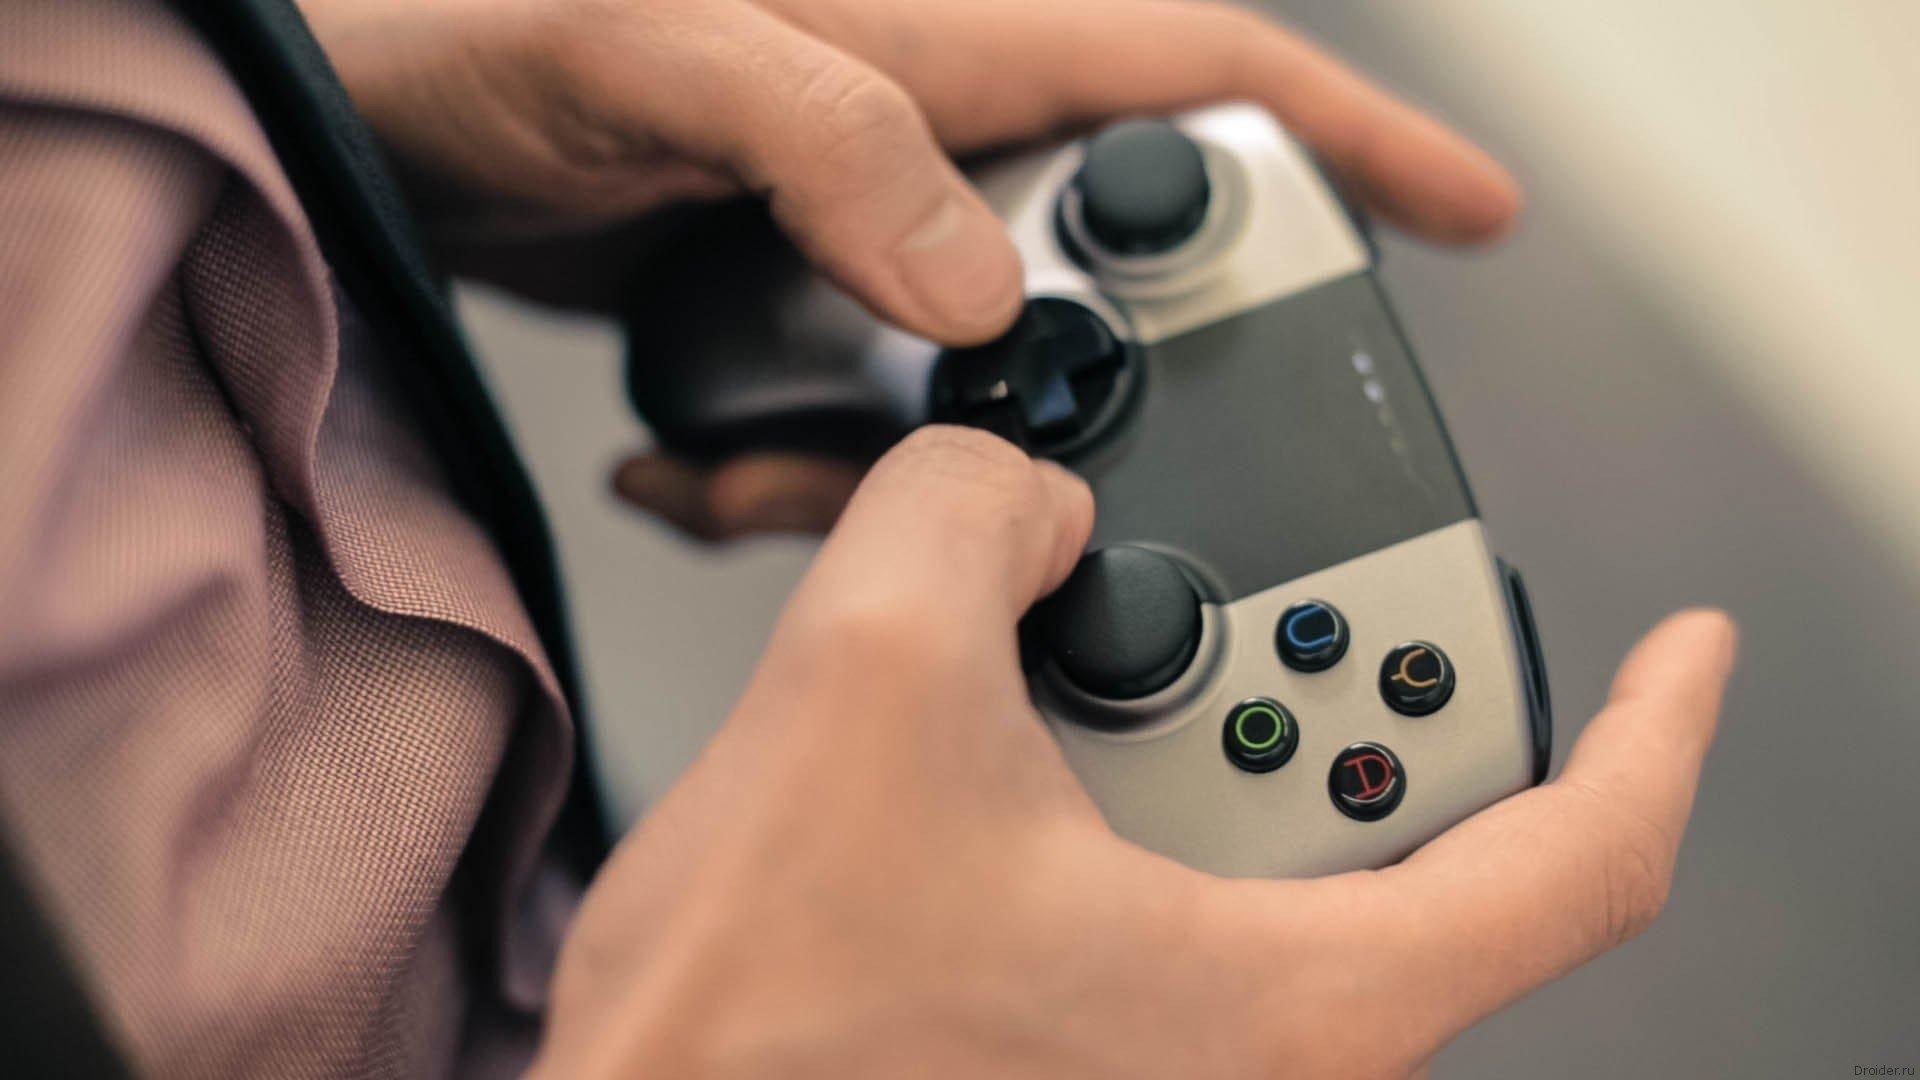 Ученые доказали положительное влияние видеоигр на геймеров